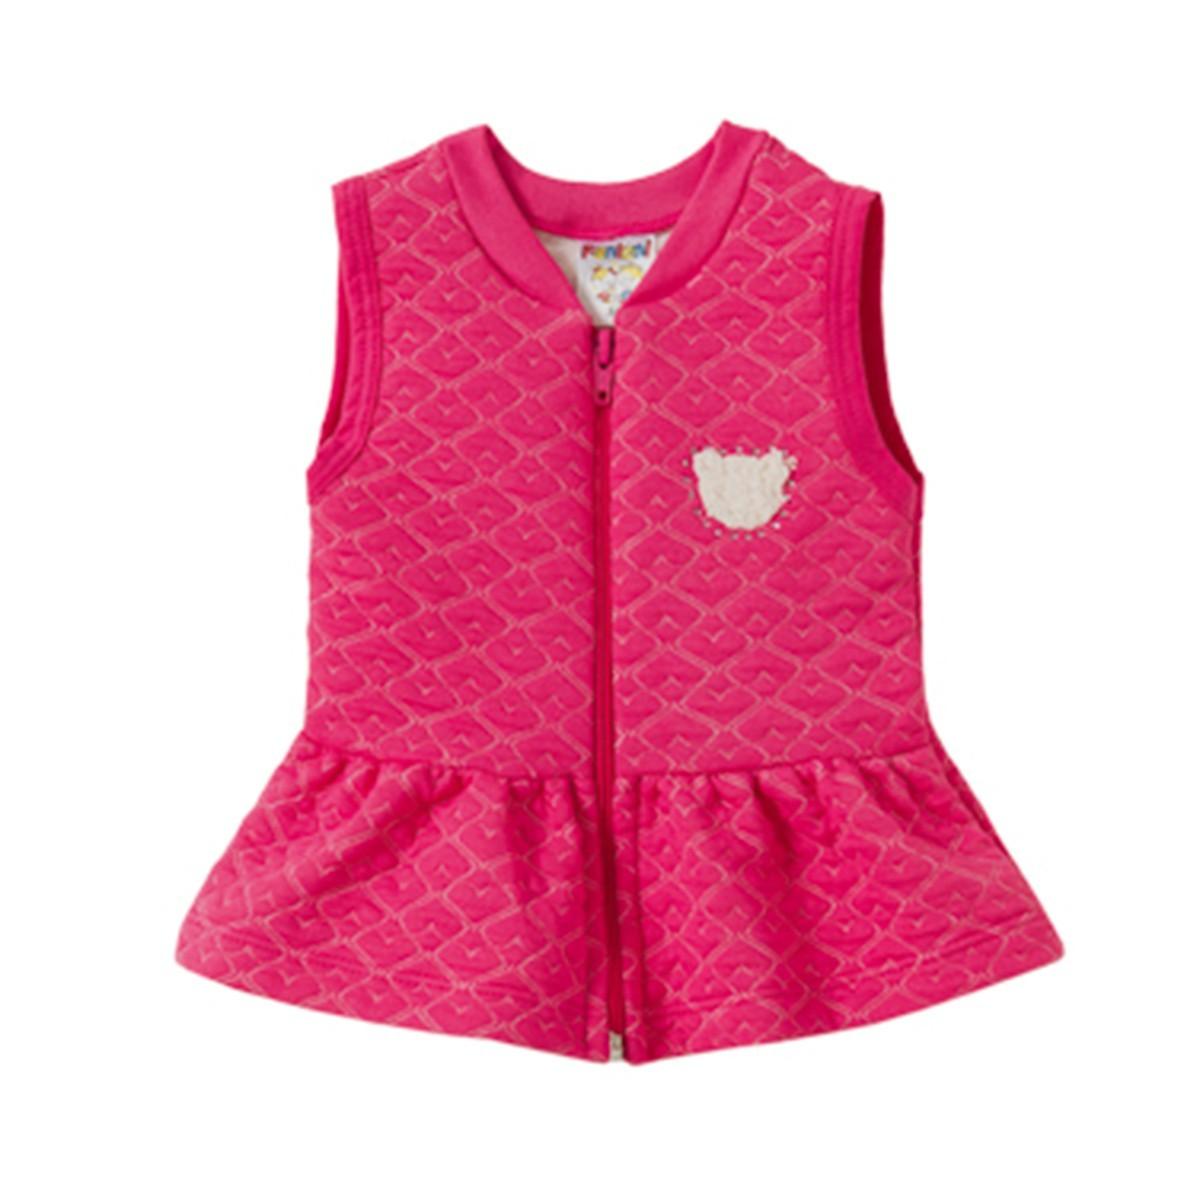 Colete Com Babado Matelasse Infantil Menina Pink - Fantoni